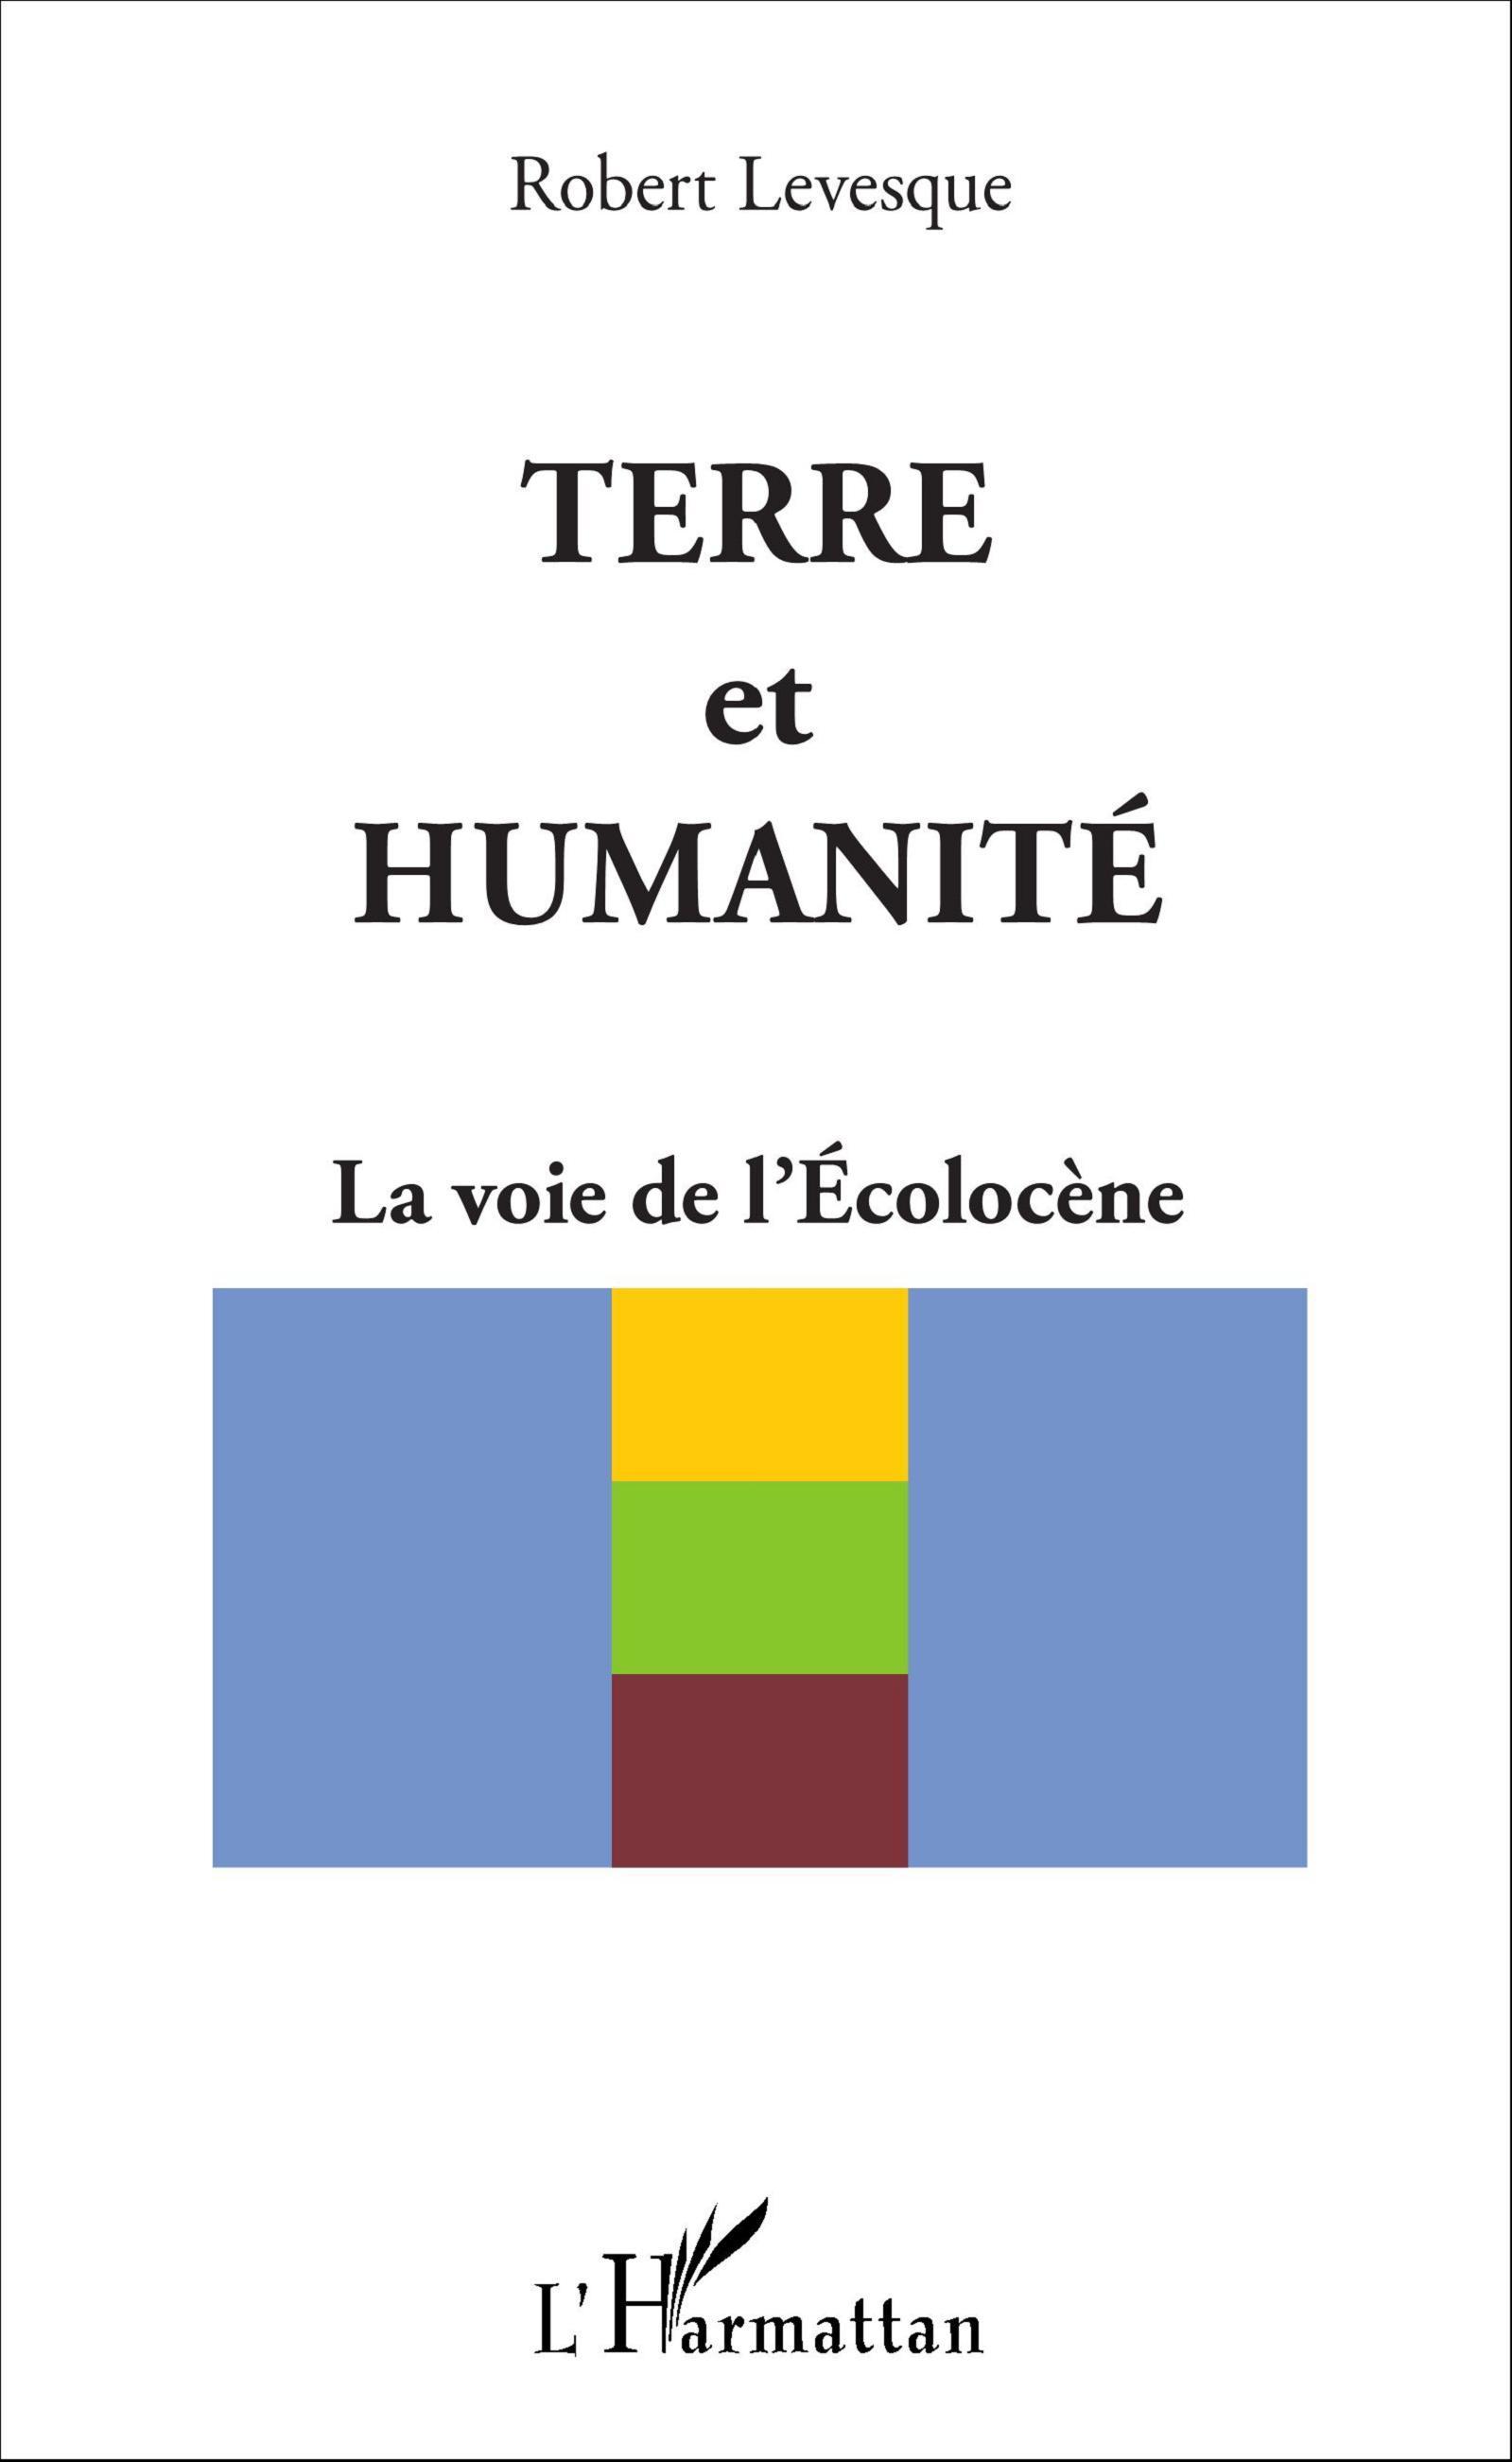 TERRE ET HUMANITE - LA VOIE DE L'ECOLOCENE